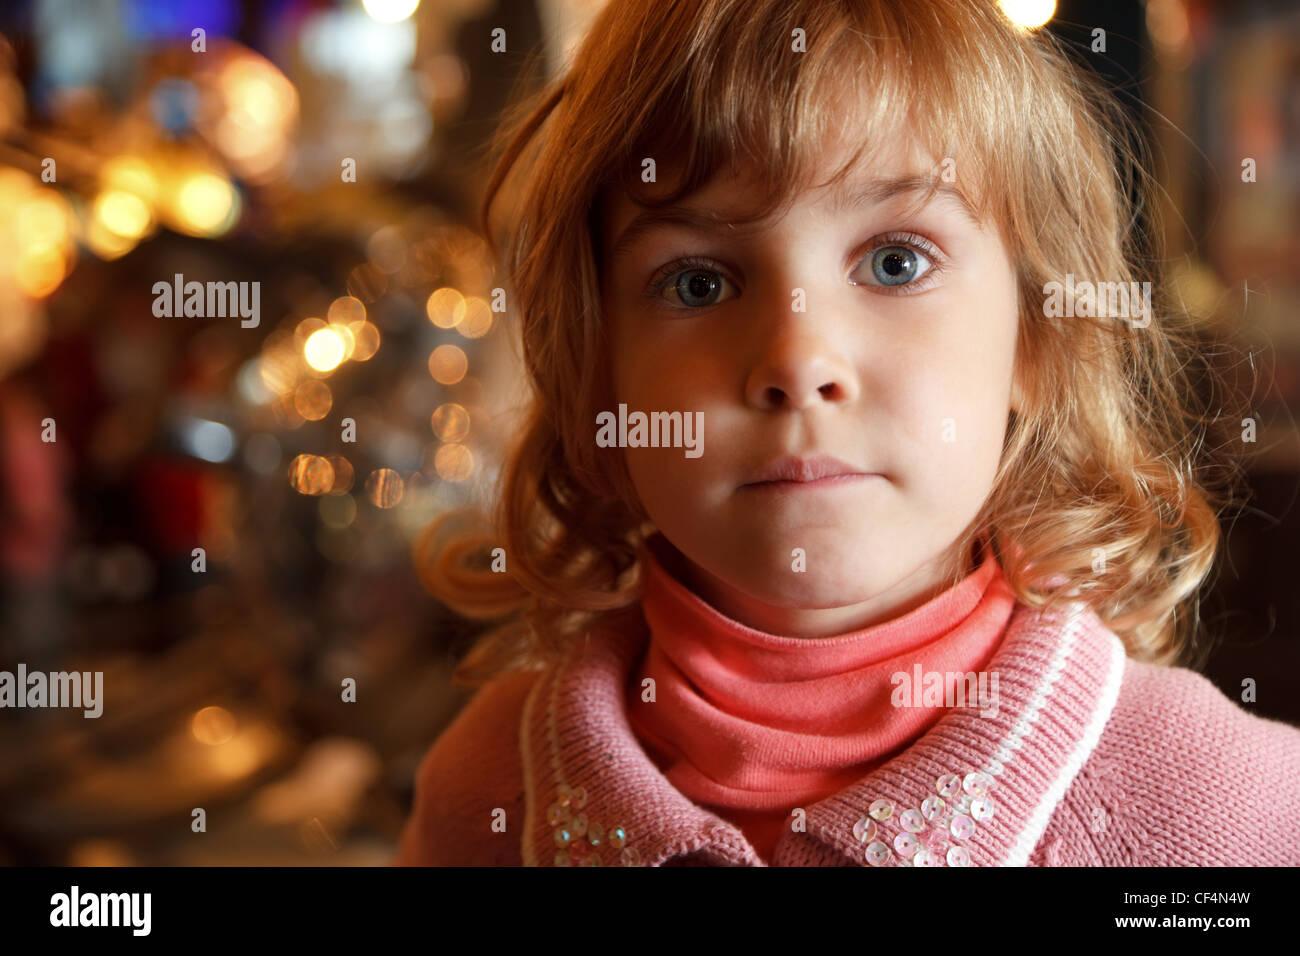 Portrait de la charmante petite fille en arrière-plan s'allume. Close-up. À l'intérieur. Photo Stock